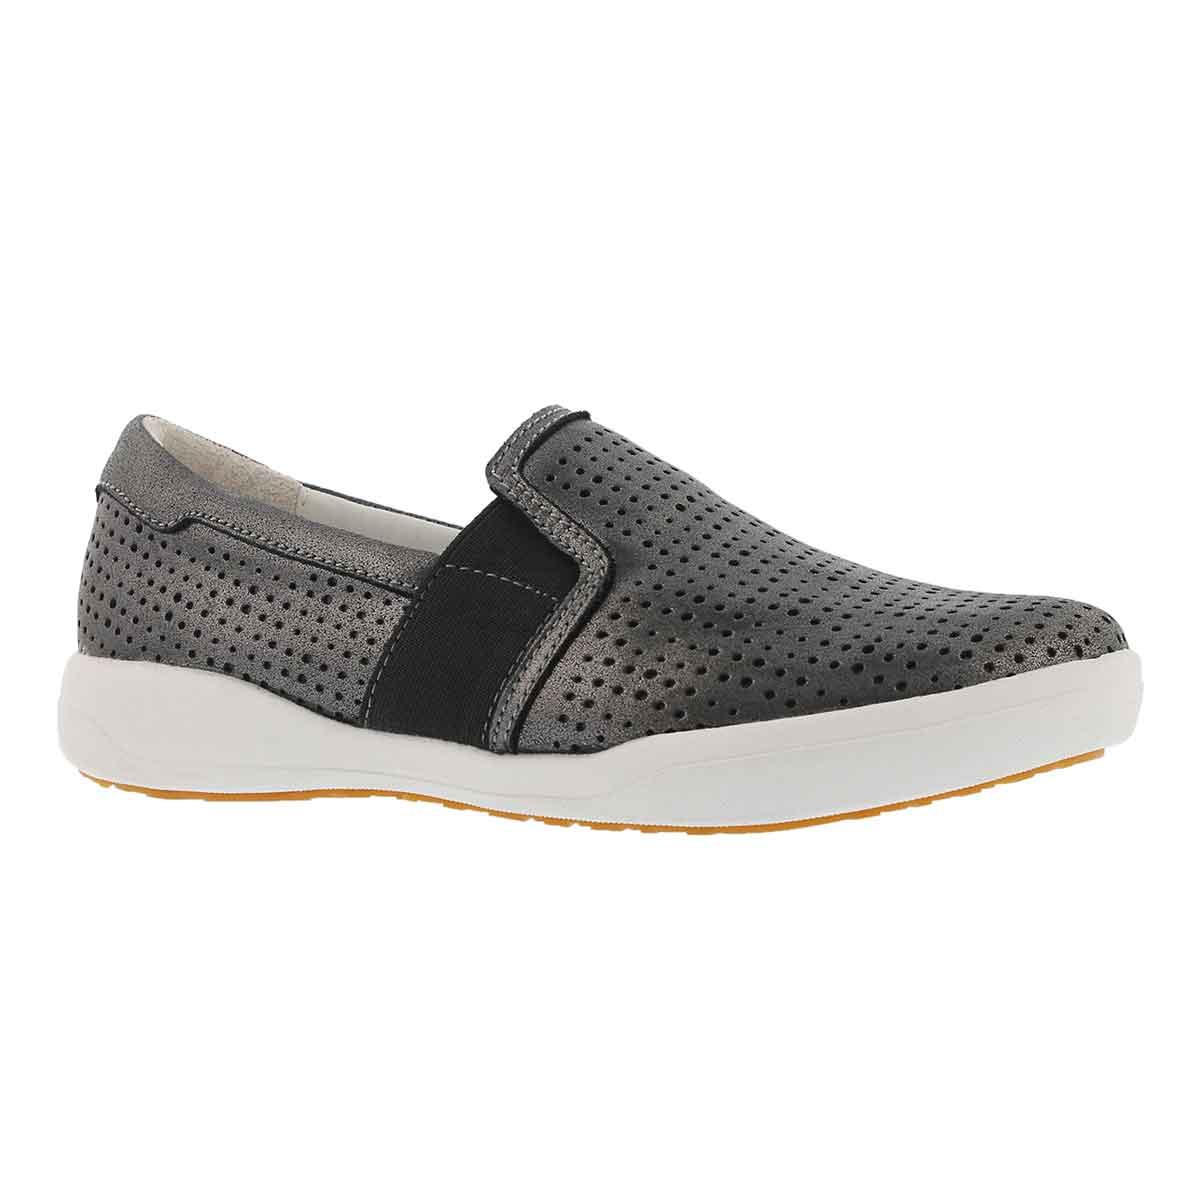 Women's SINA 33 basalt slip on shoes